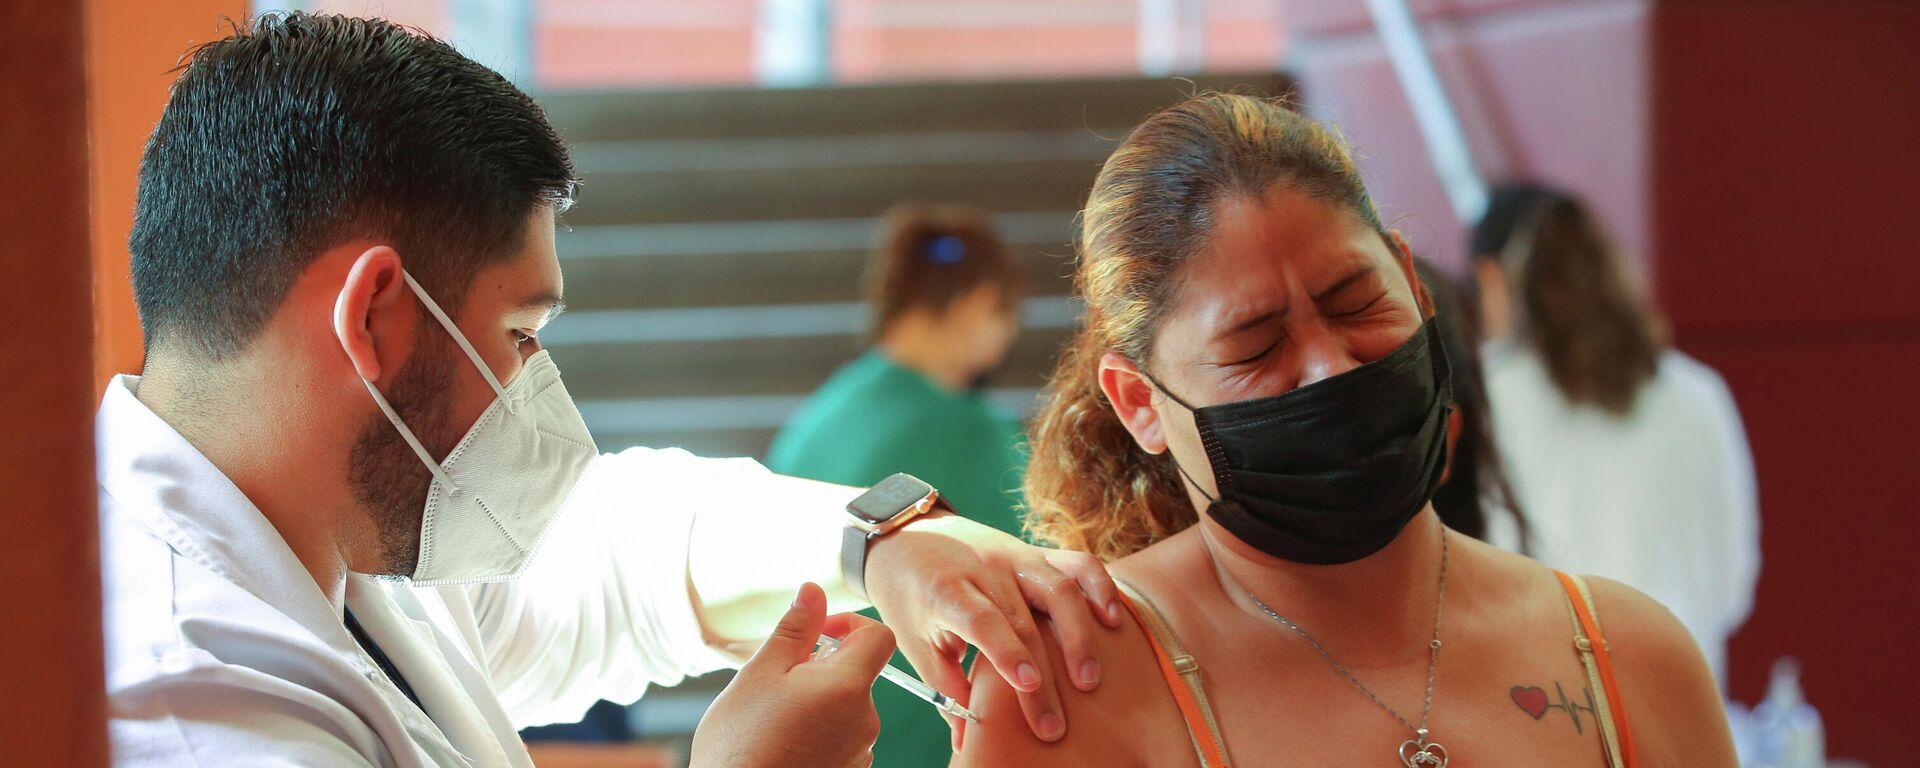 Vacunación contra el coronavirus en la frontera México-EEUU - Sputnik Mundo, 1920, 08.07.2021